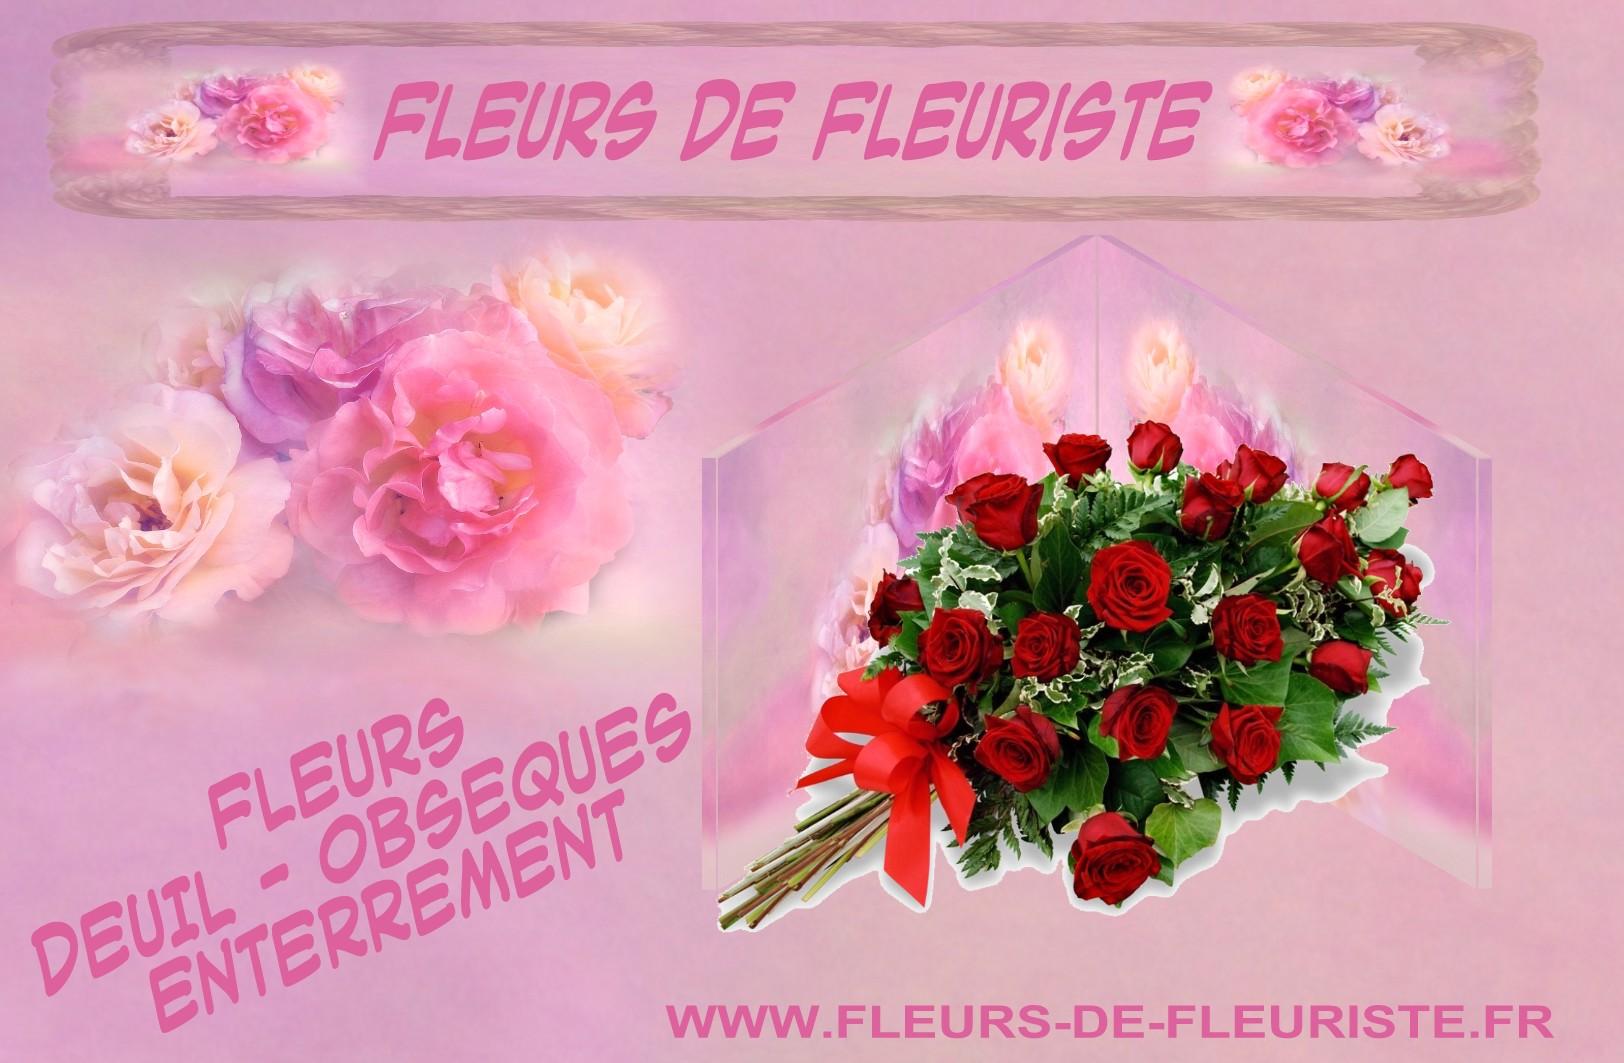 FLEURS DEUIL - LIVRAISON FLEURS DÉCÈS ENTERREMENT